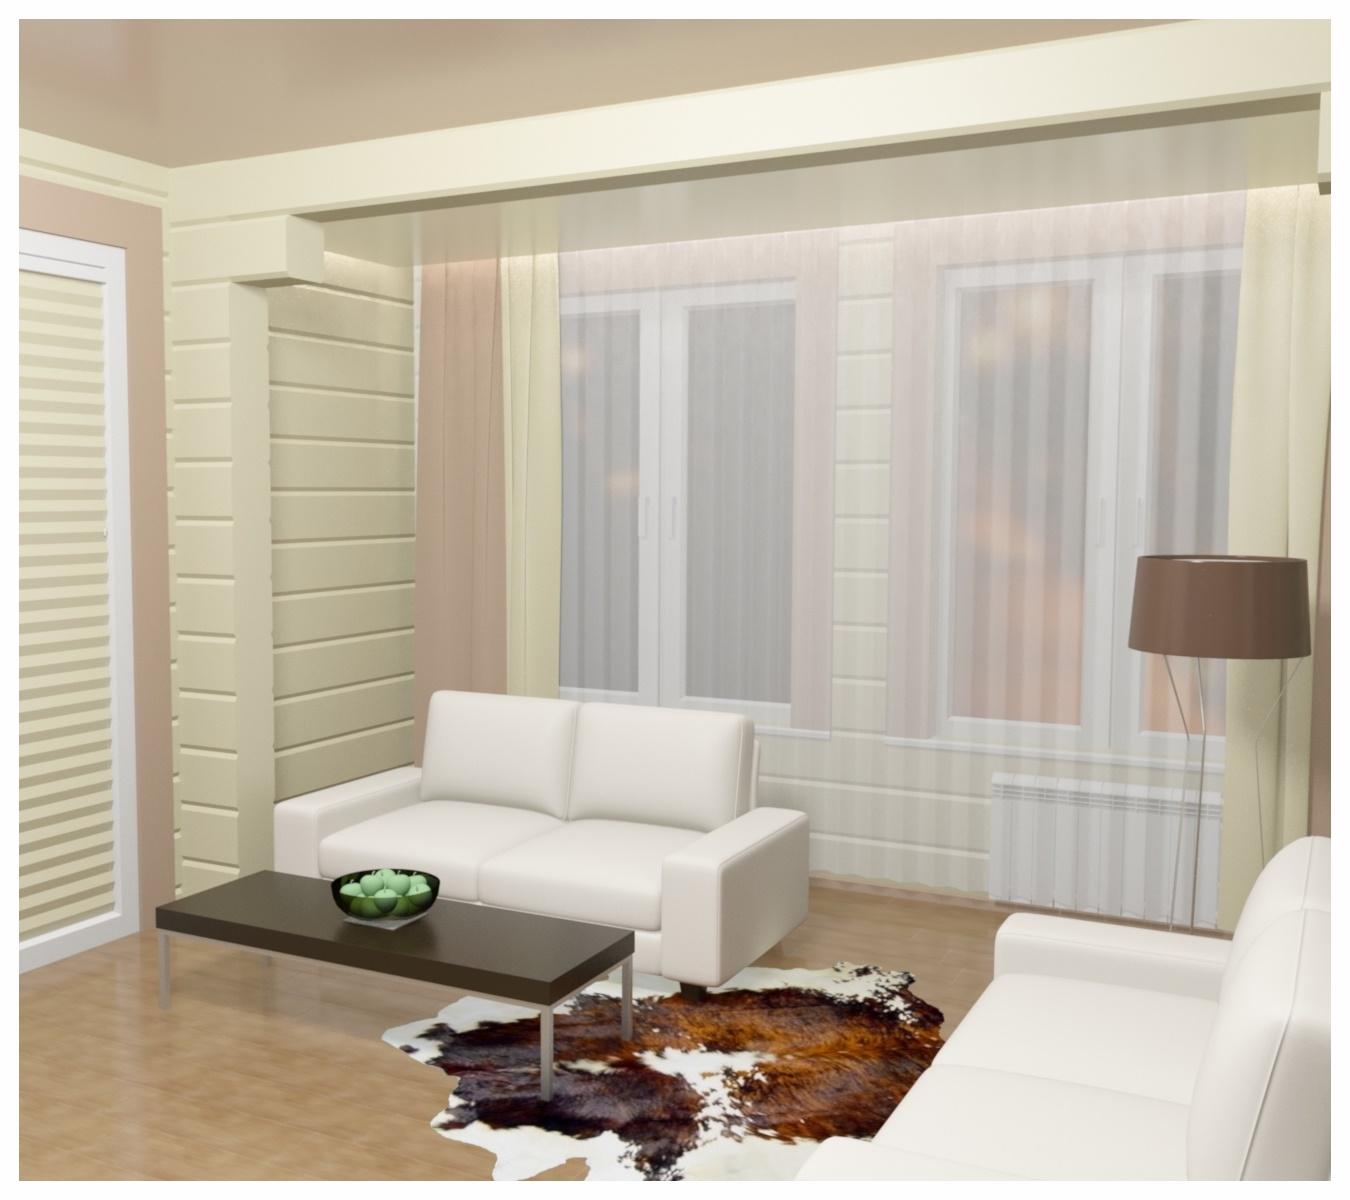 Дизайн интерьеров в коттедже из бруса. Вид на диваны.